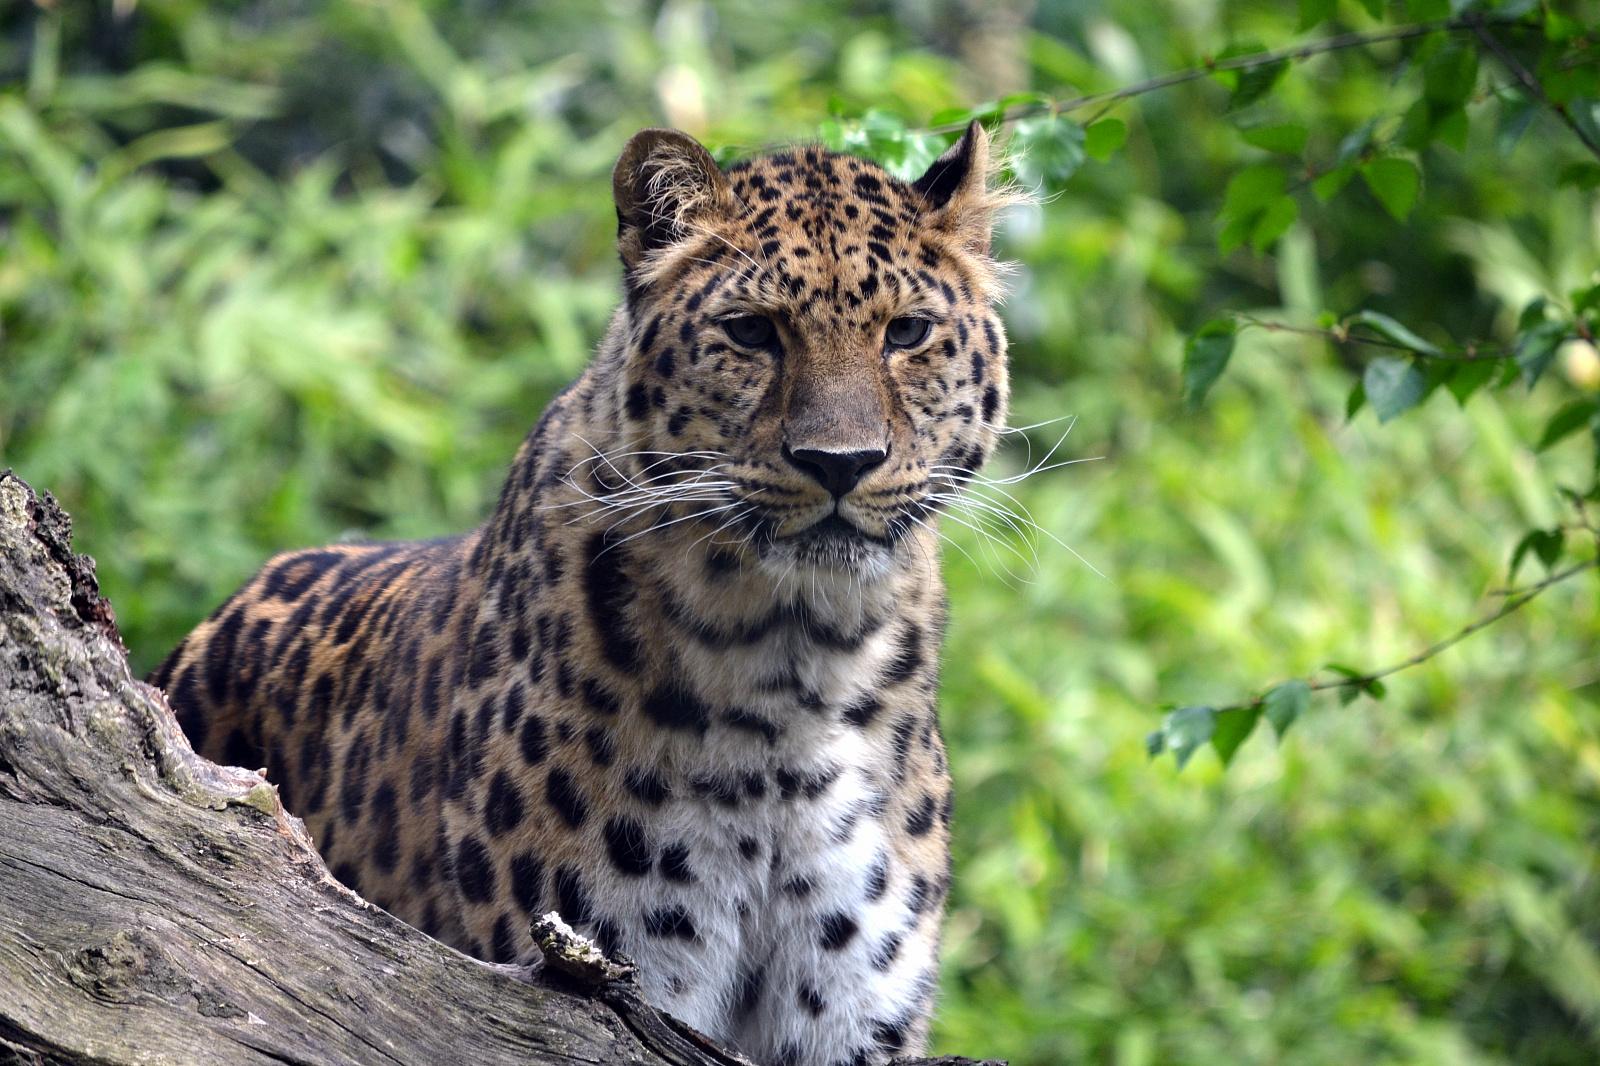 amurleopard11